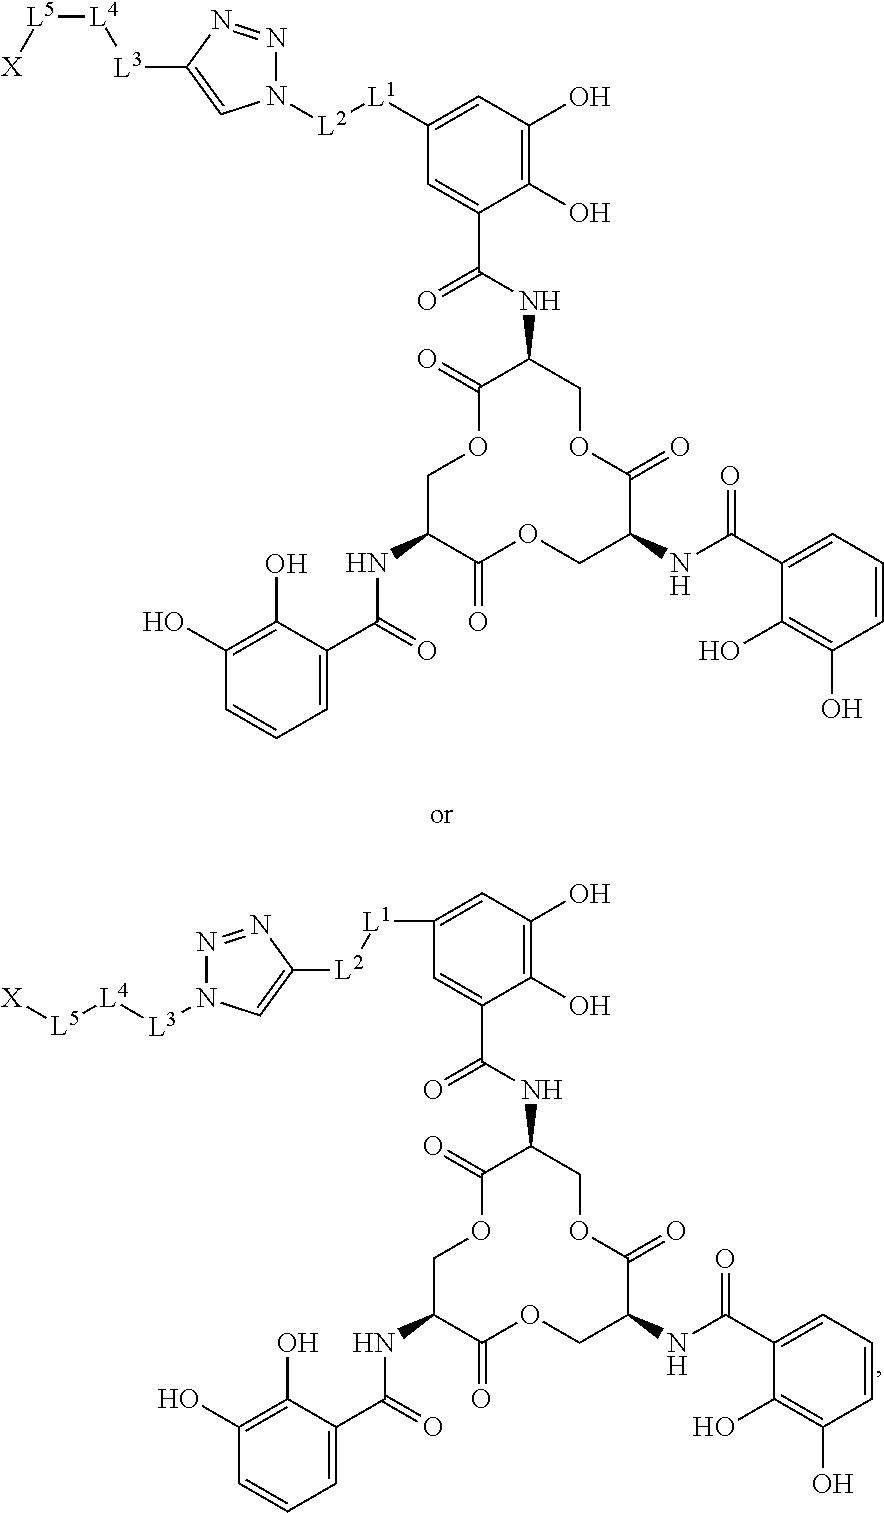 Figure US09902986-20180227-C00080